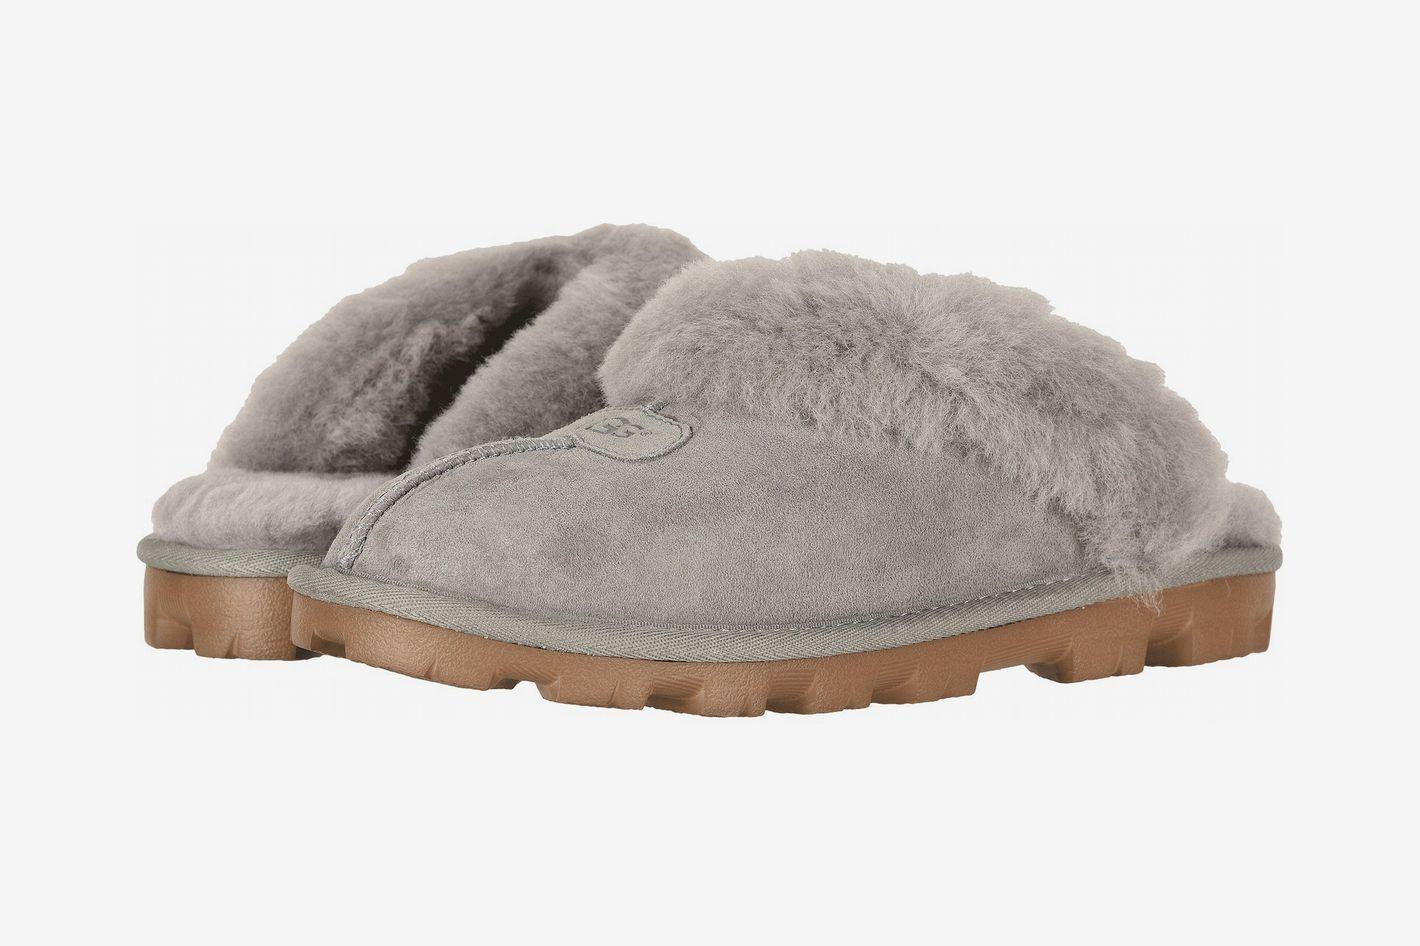 6c4a21a57d3 Ugg Winter Slipper Sale 2019